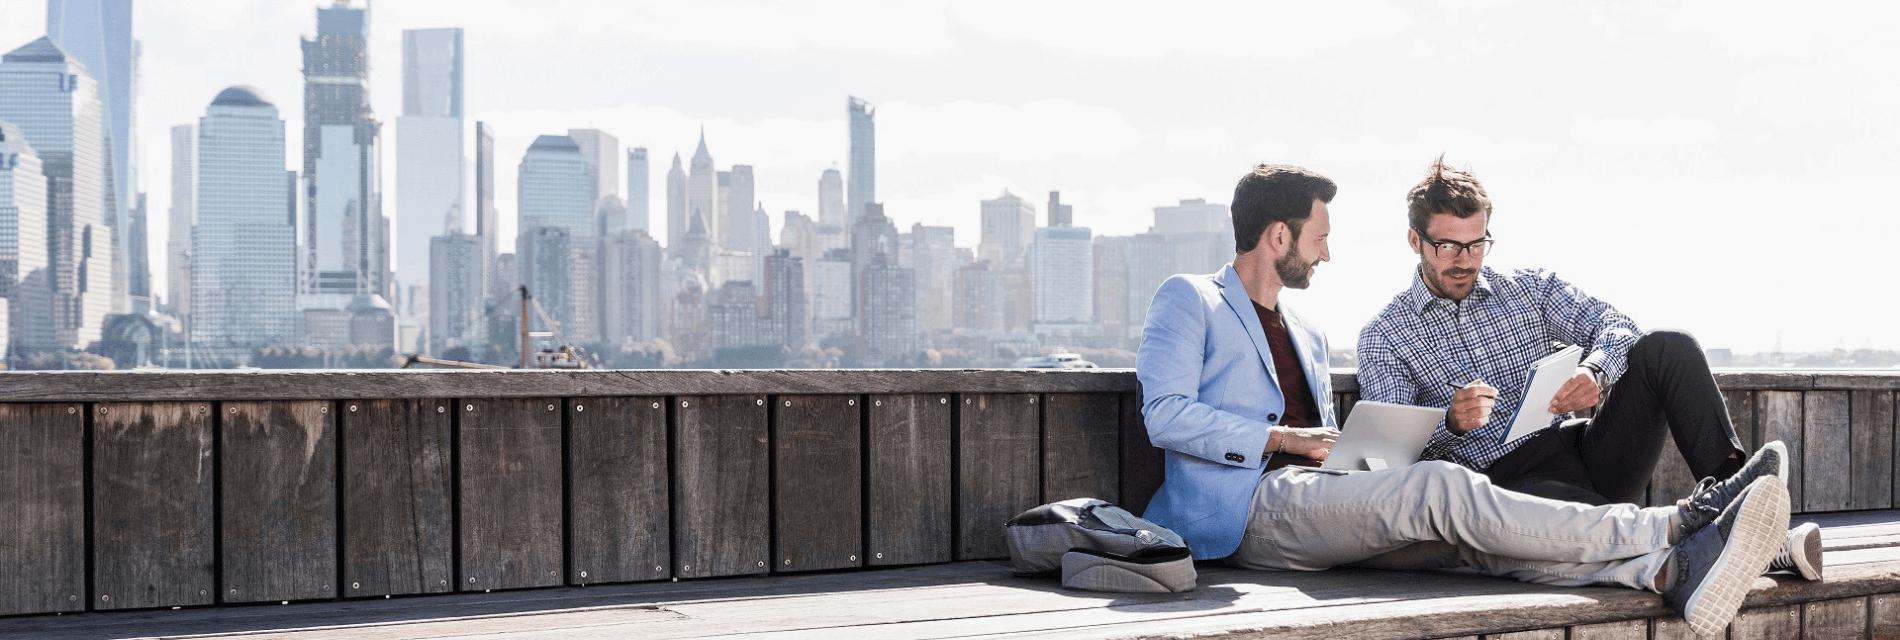 Herren unterhalten sich vor einer City-Skyline